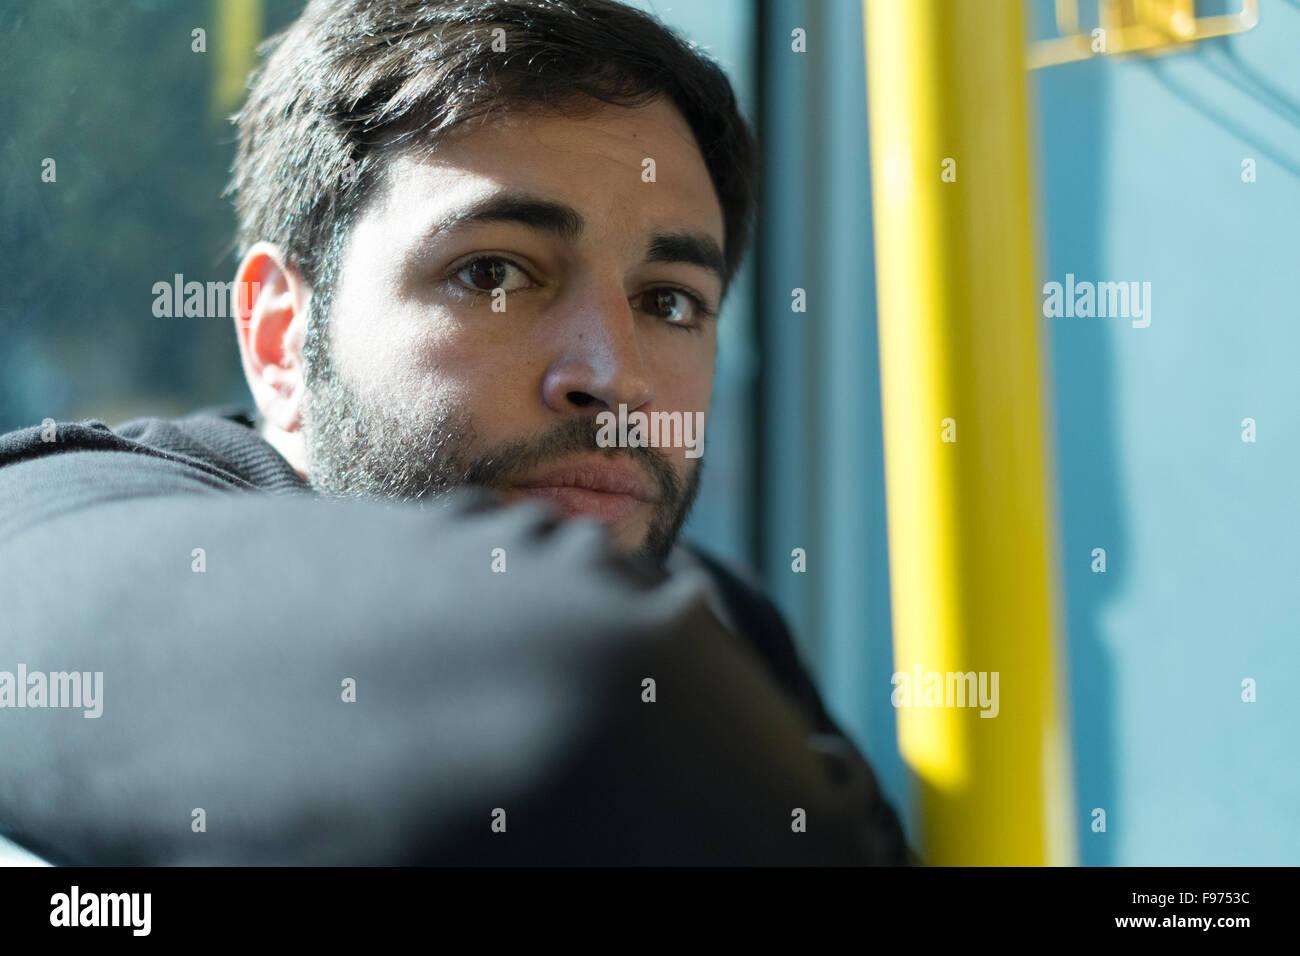 Portrait de jeune homme voyageant en train Photo Stock